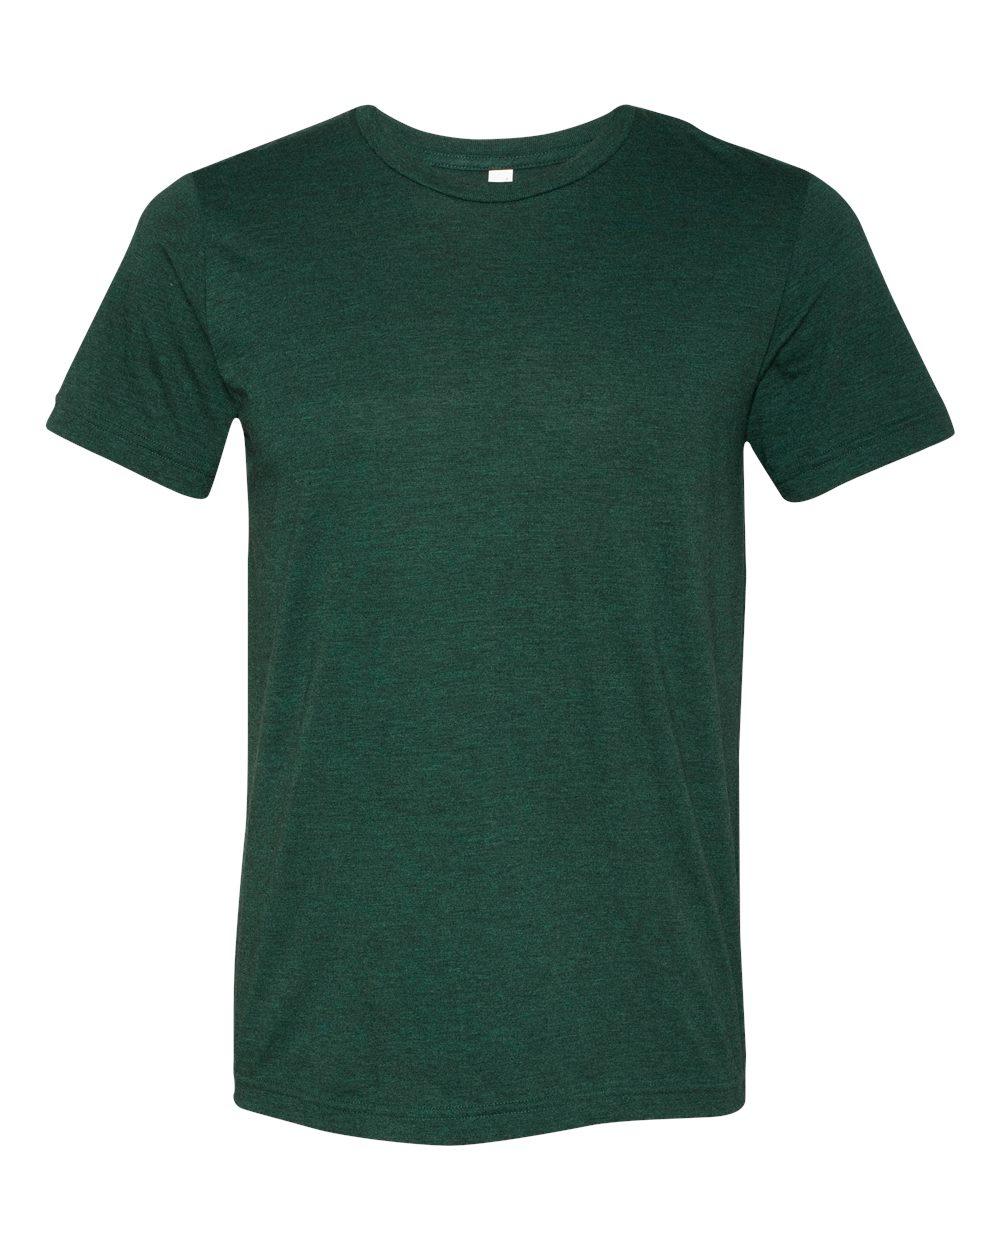 Emerald Triblend